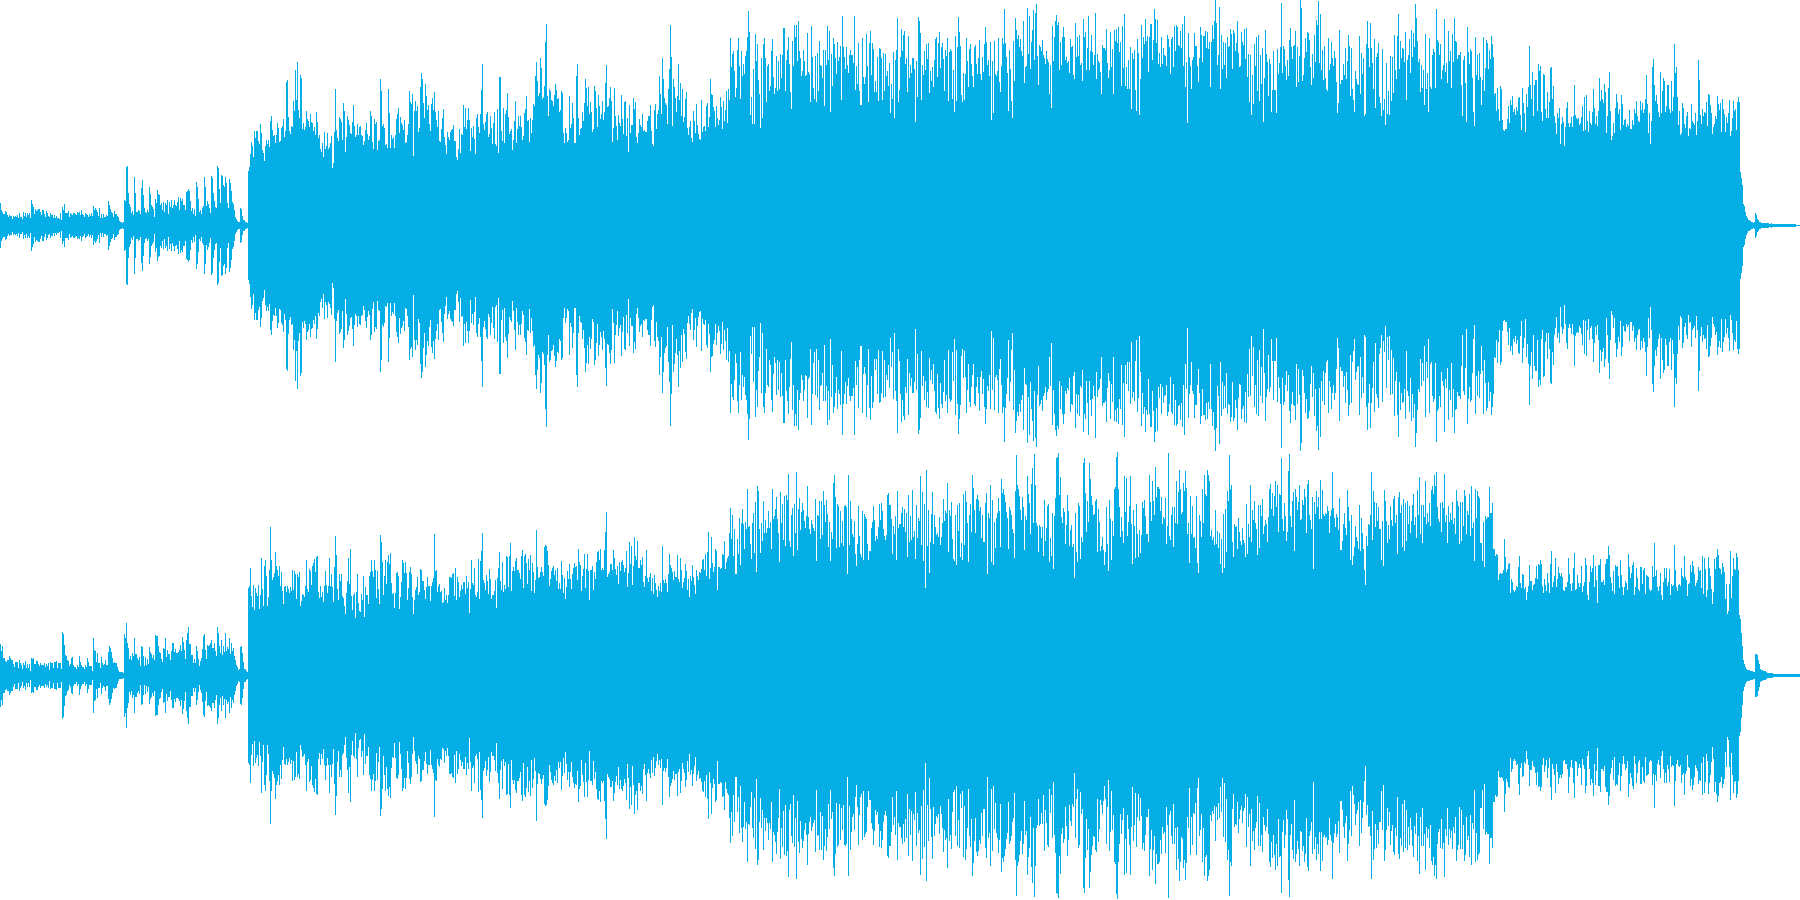 ピアノとアコギをメインにした音楽の再生済みの波形